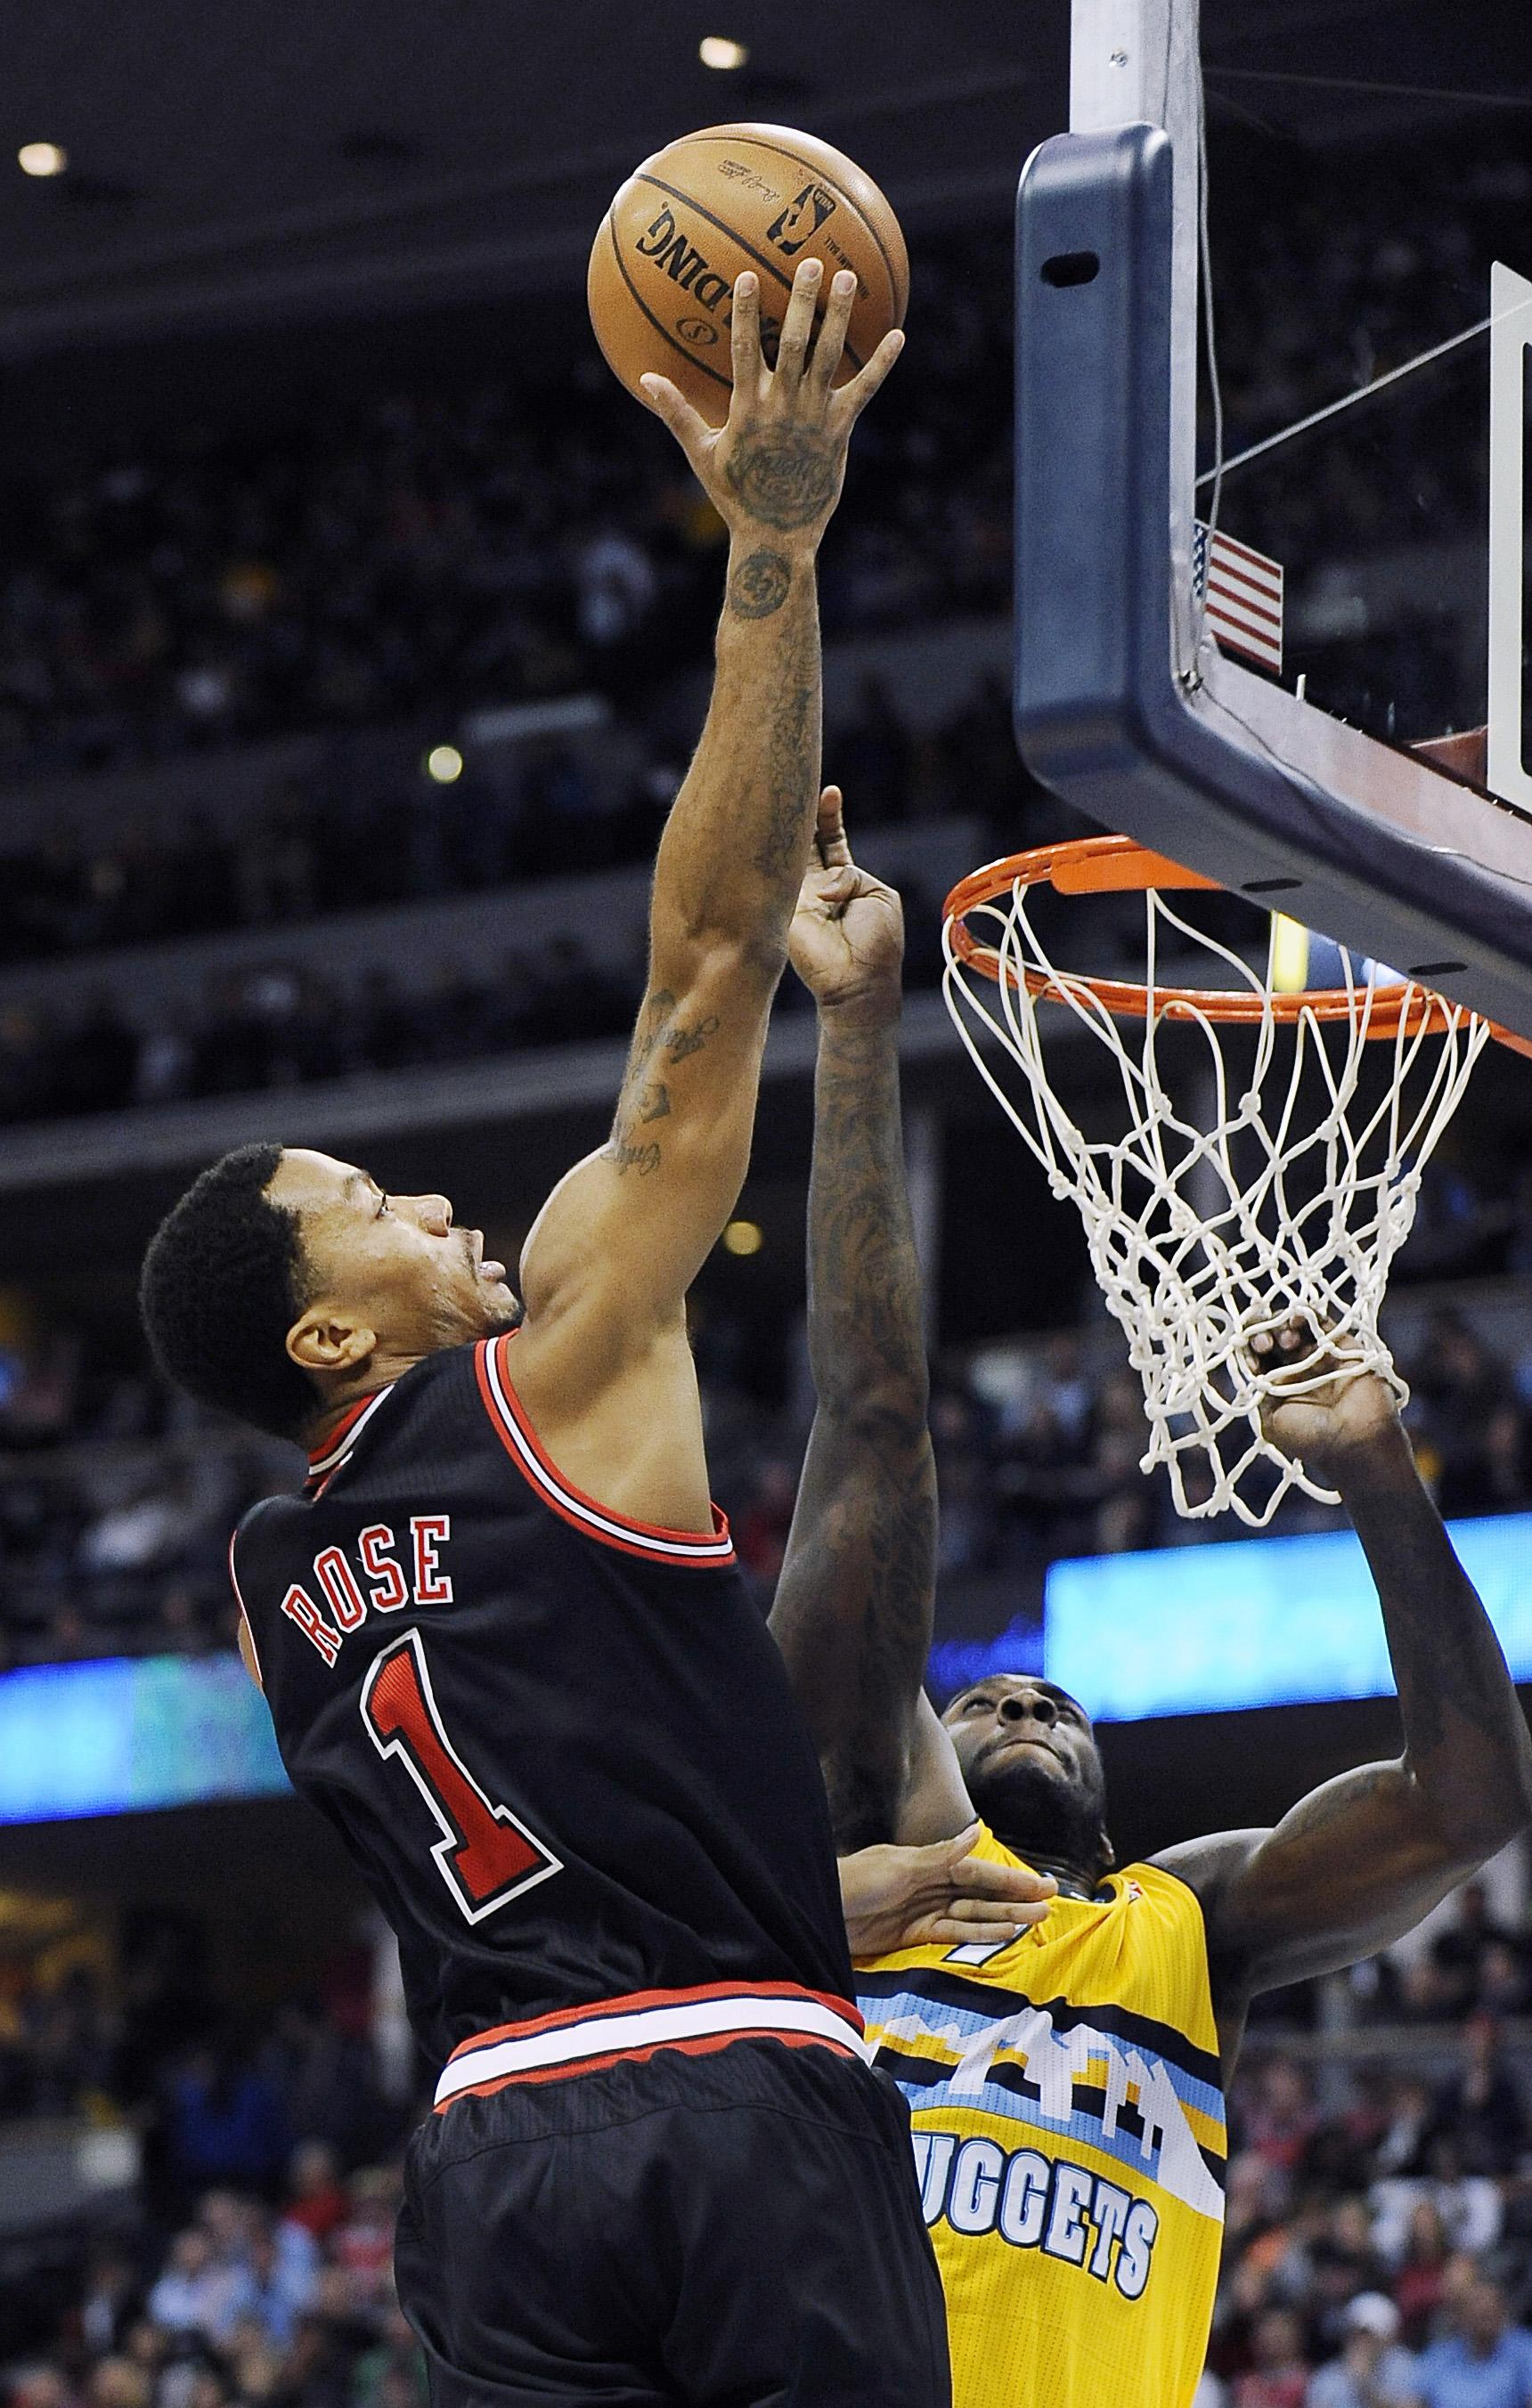 Chicago Bulls star Derrick Rose out for season